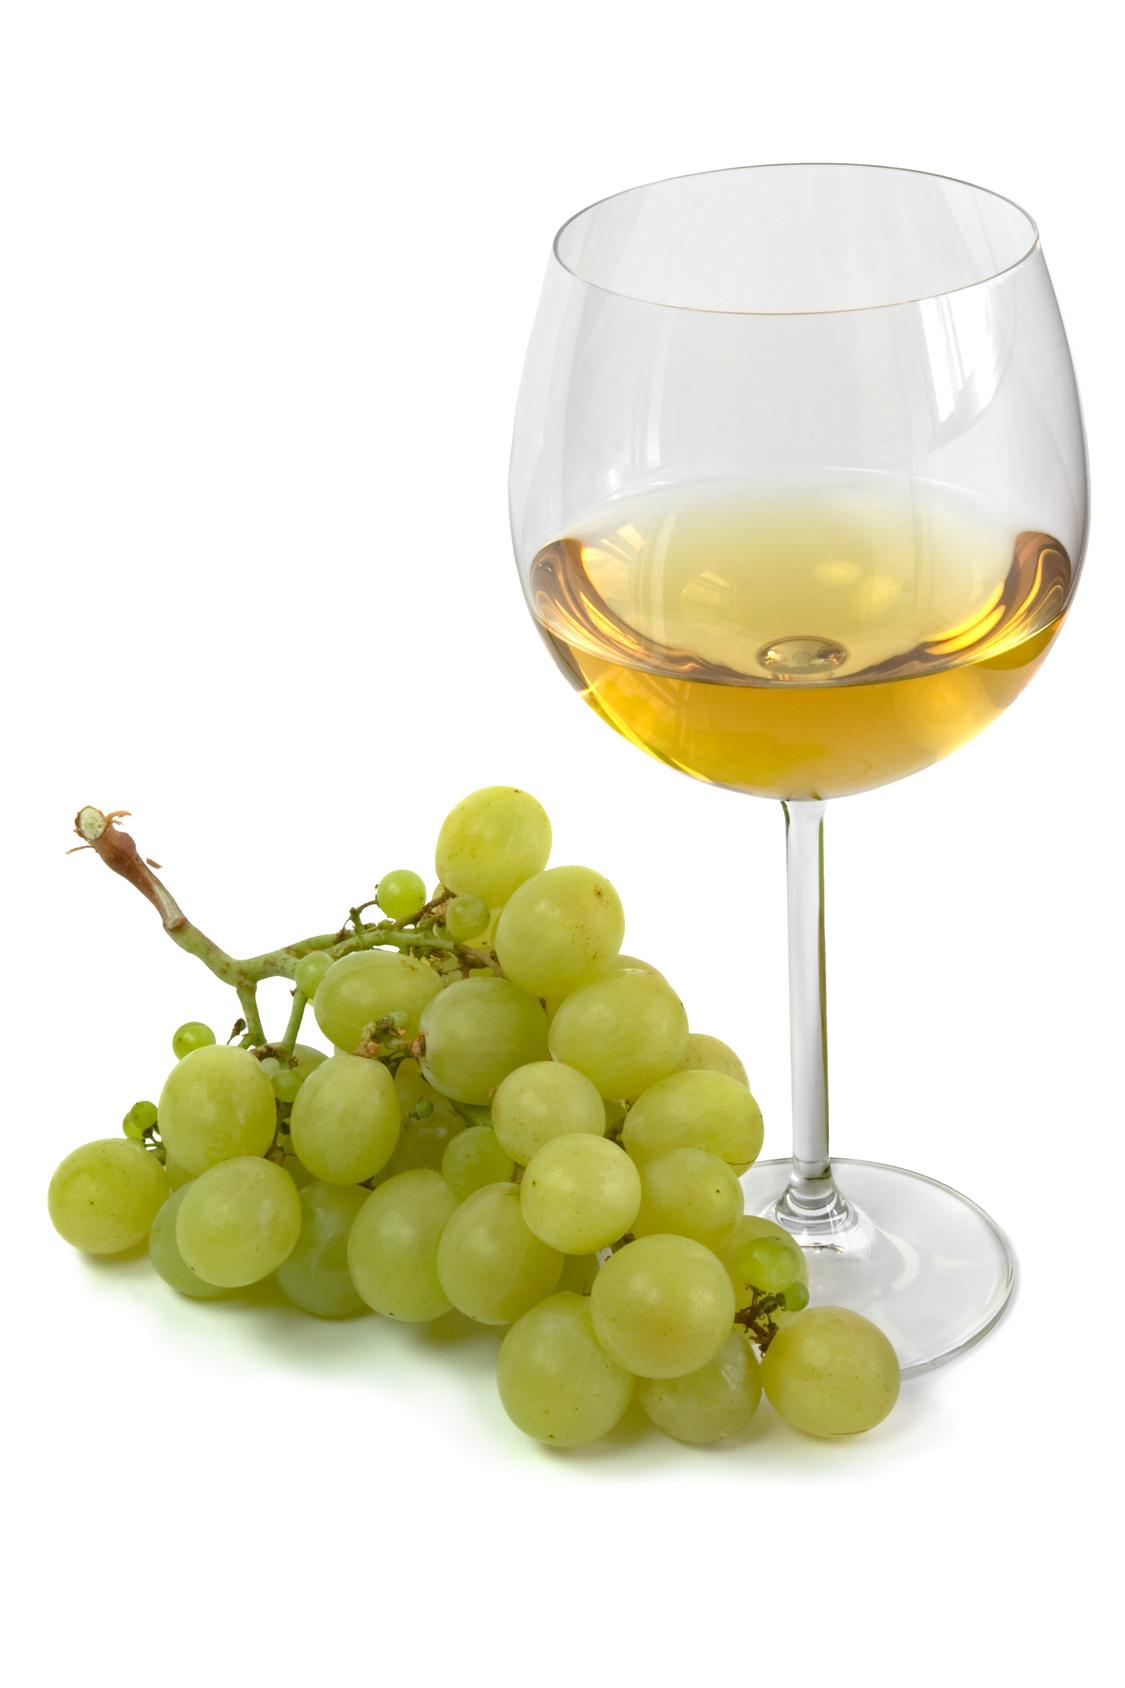 Appellation vin : Ce que vous devez savoir pour faire les meilleurs choix en matière d'achat de vin